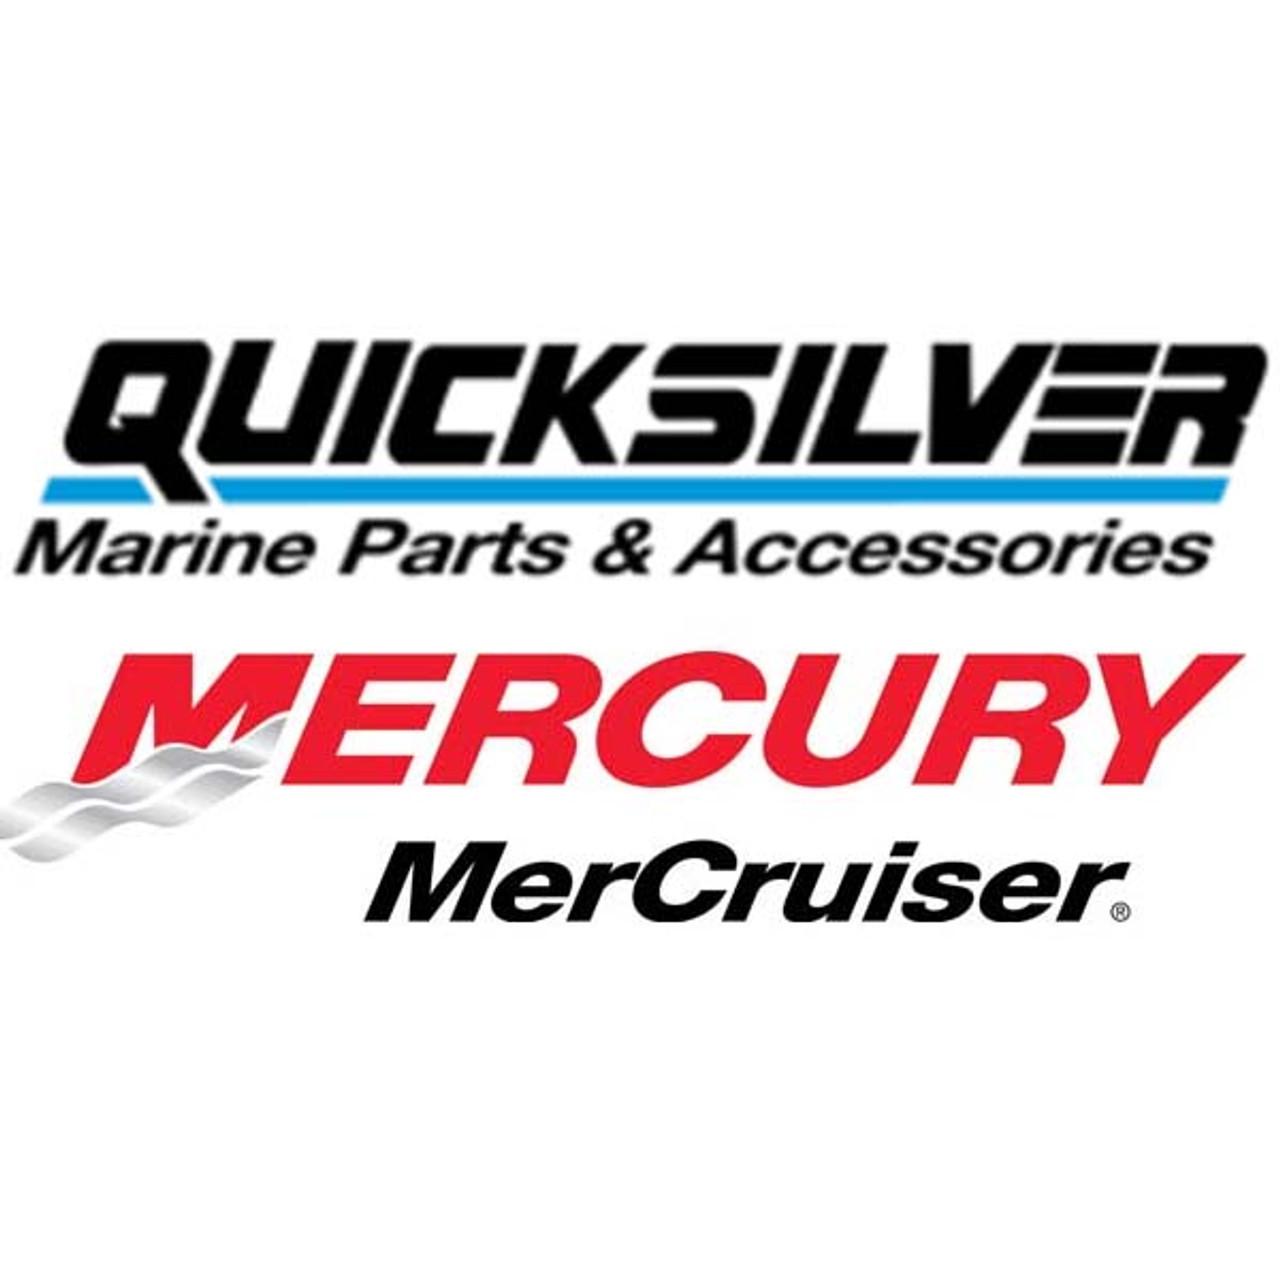 New Mercury Mercruiser Quicksilver OEM Part # 10-40118107 SCREW